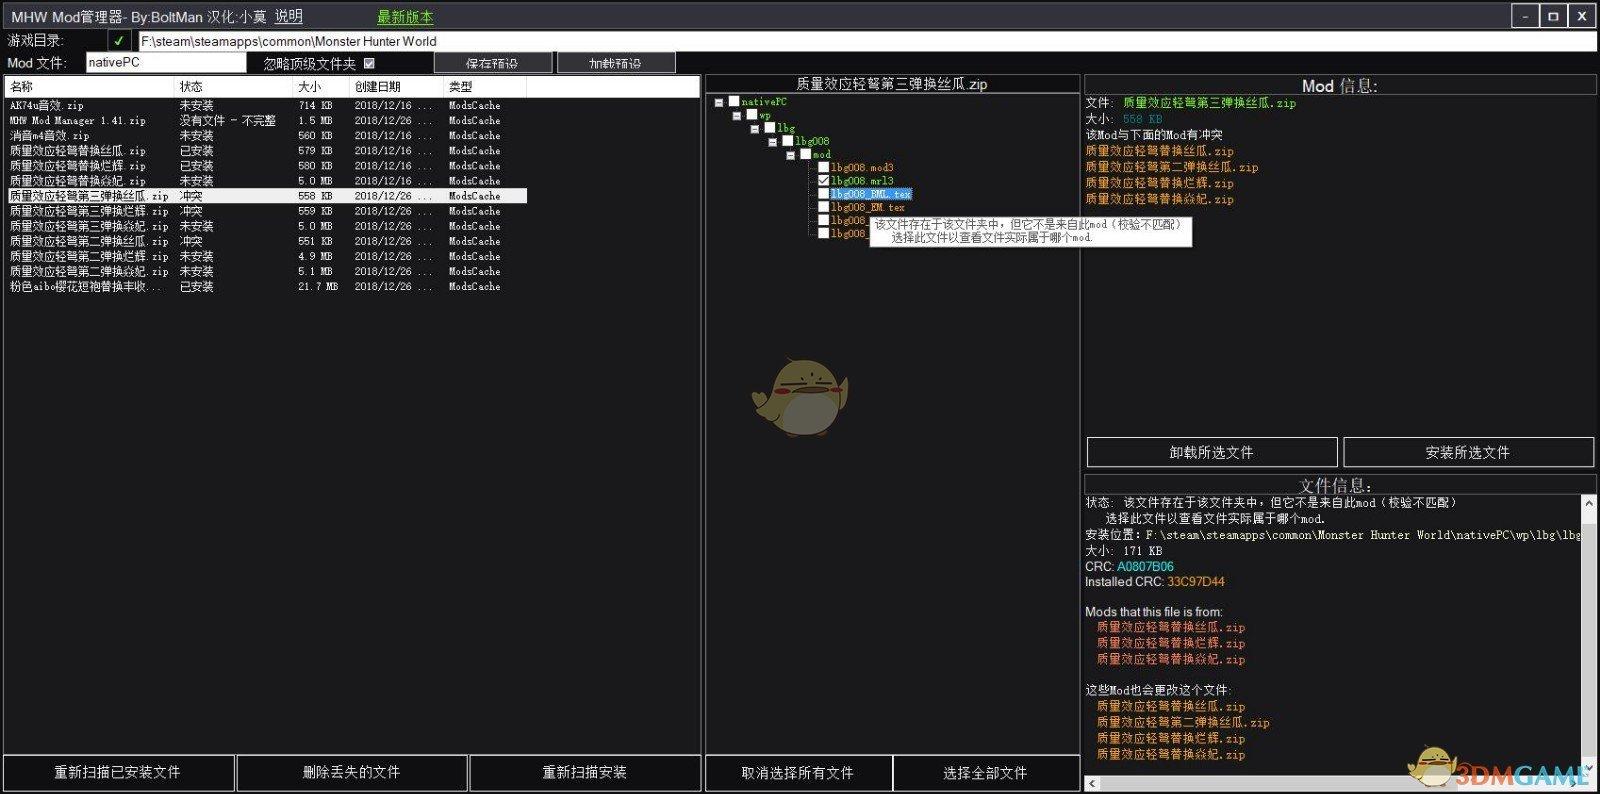 《怪物猎人:世界》Mod管理工具3DM汉化版v1.41